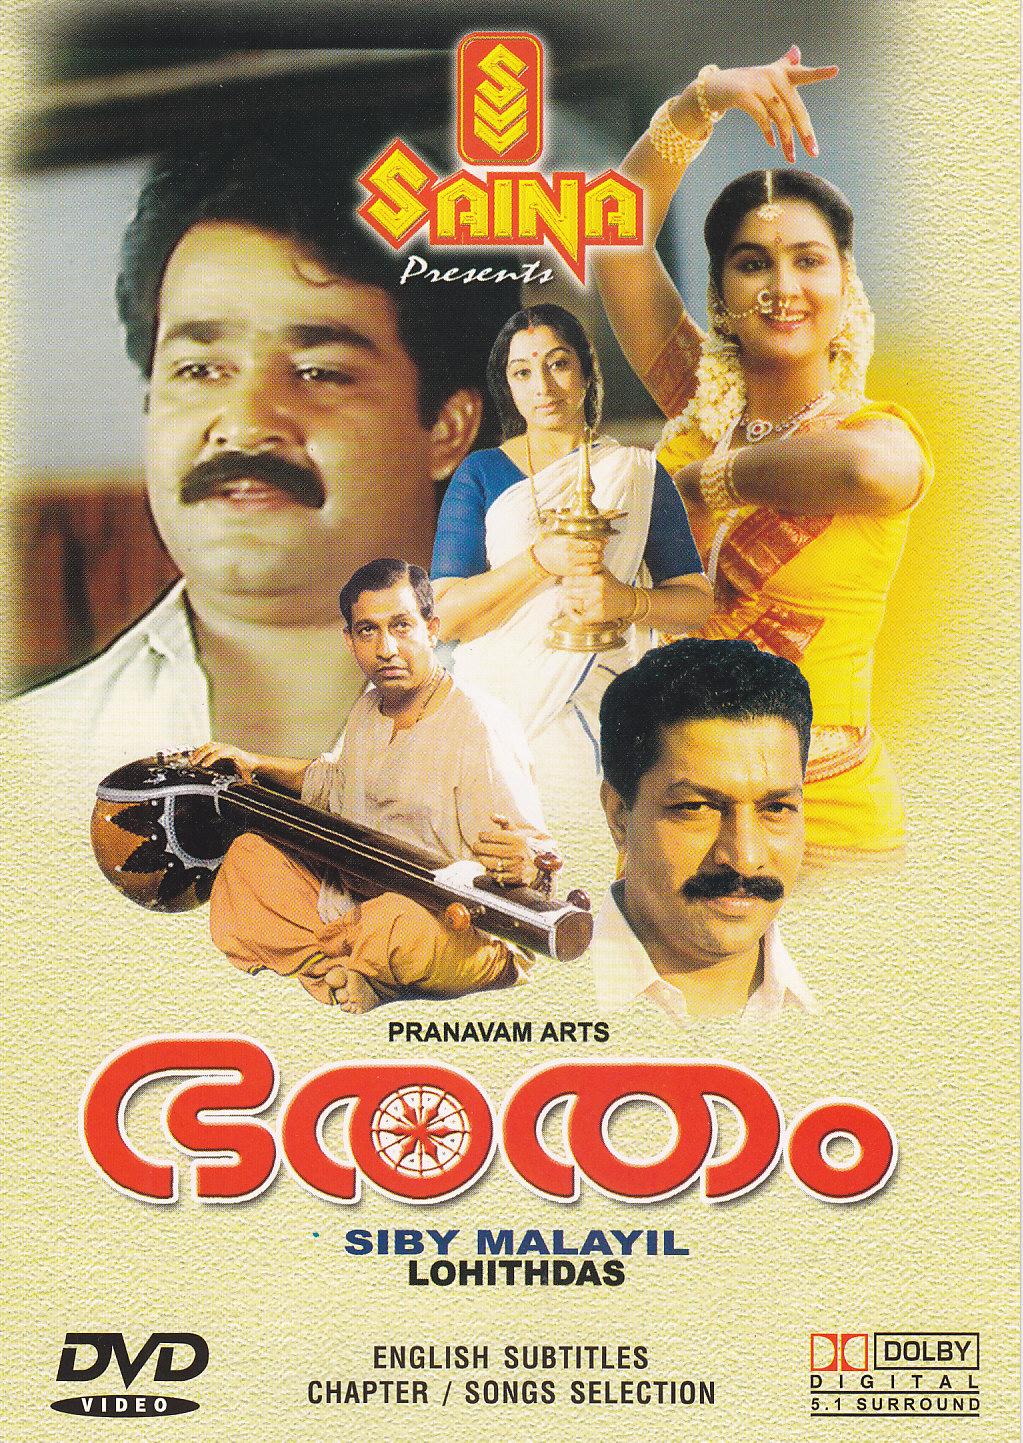 Bharatham Saina DVD Covers & Screenshots Bharatham